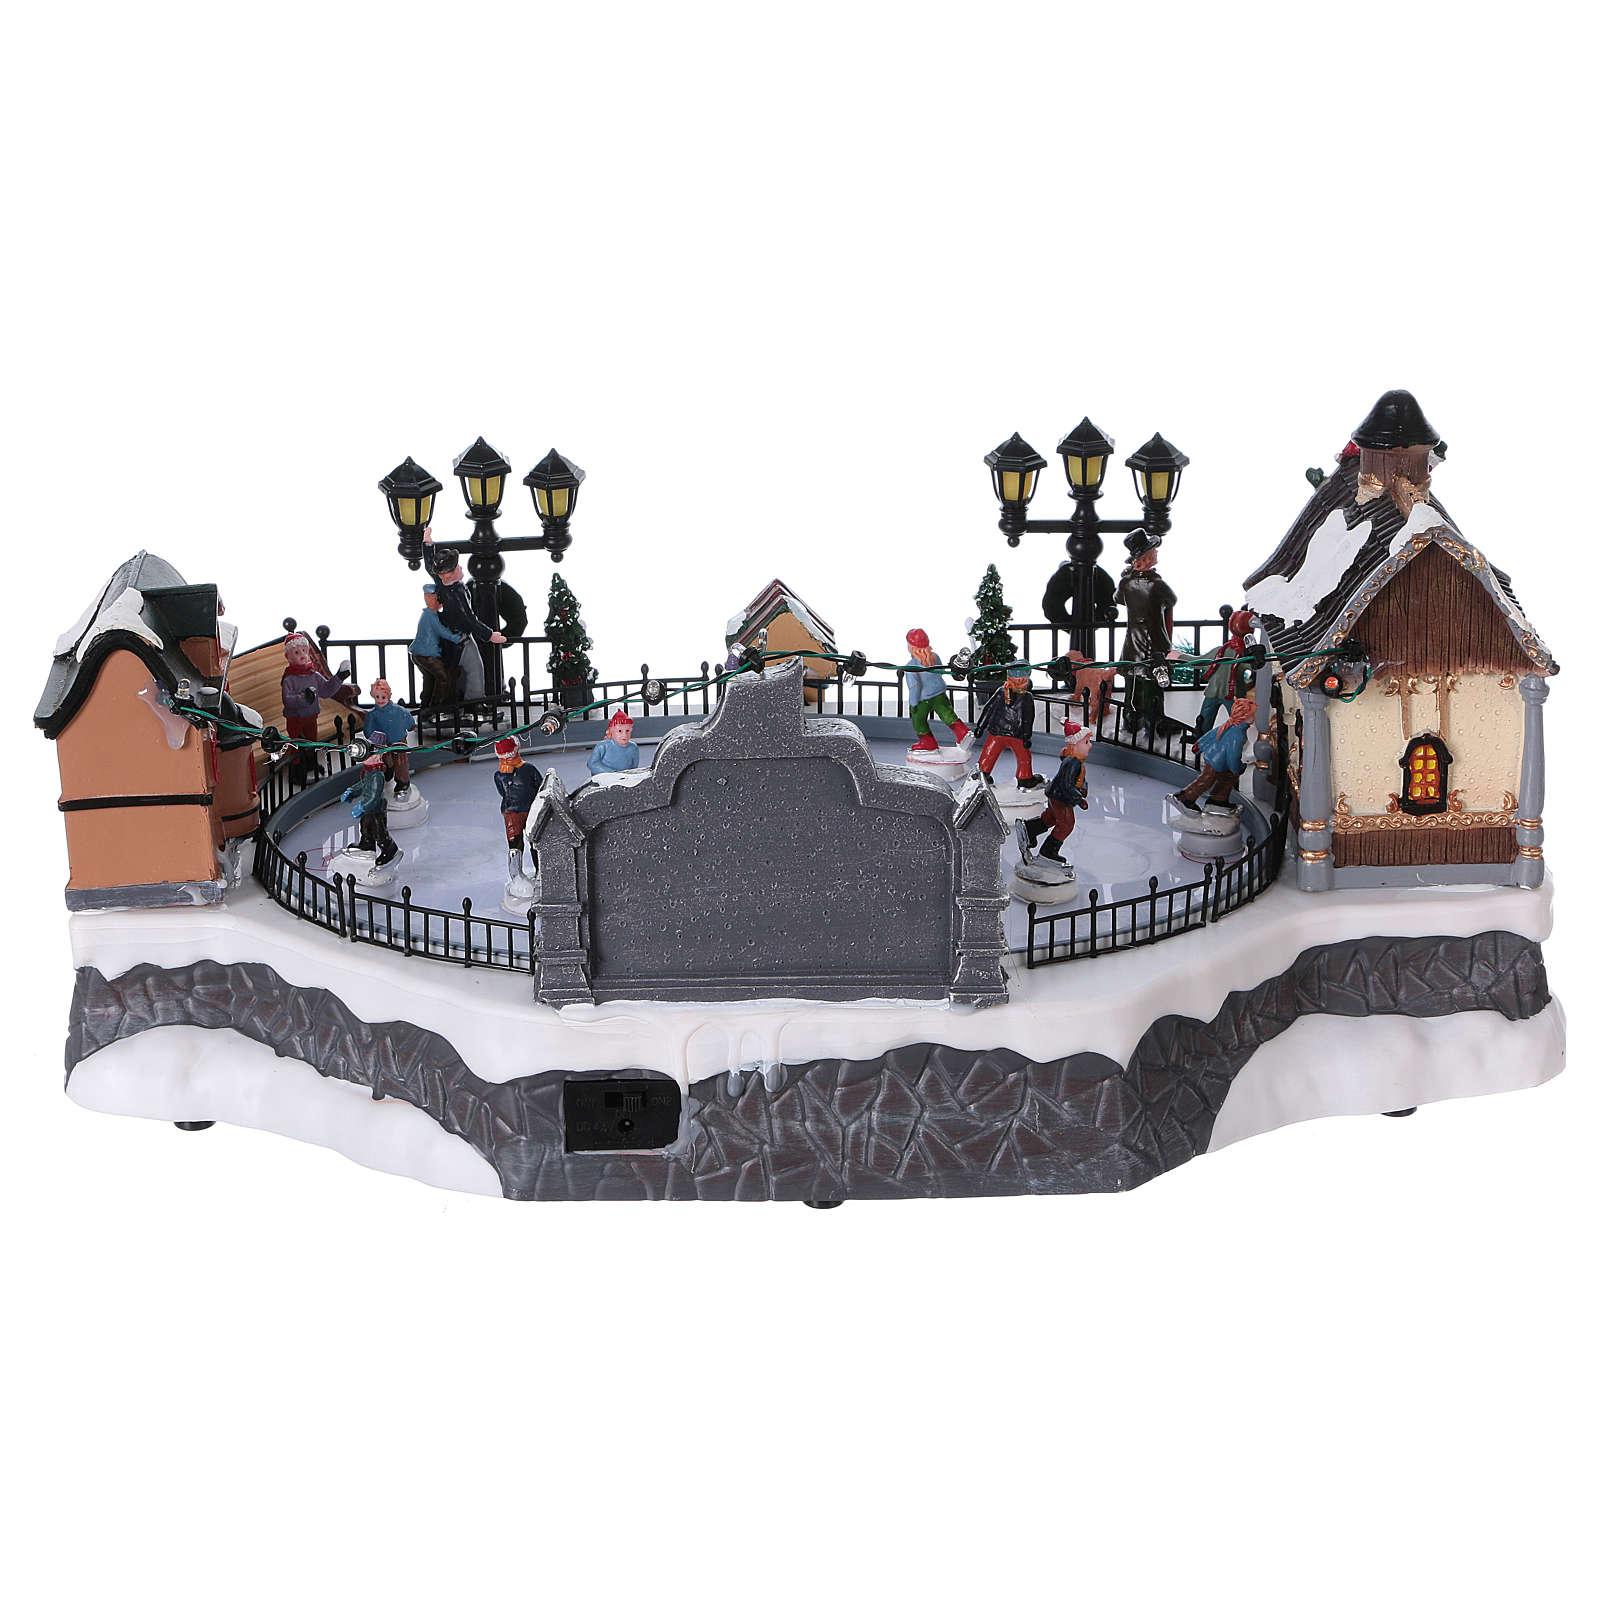 Escena Navidad 20x40x25 cm patinaje mov Papá Noel corriente 3